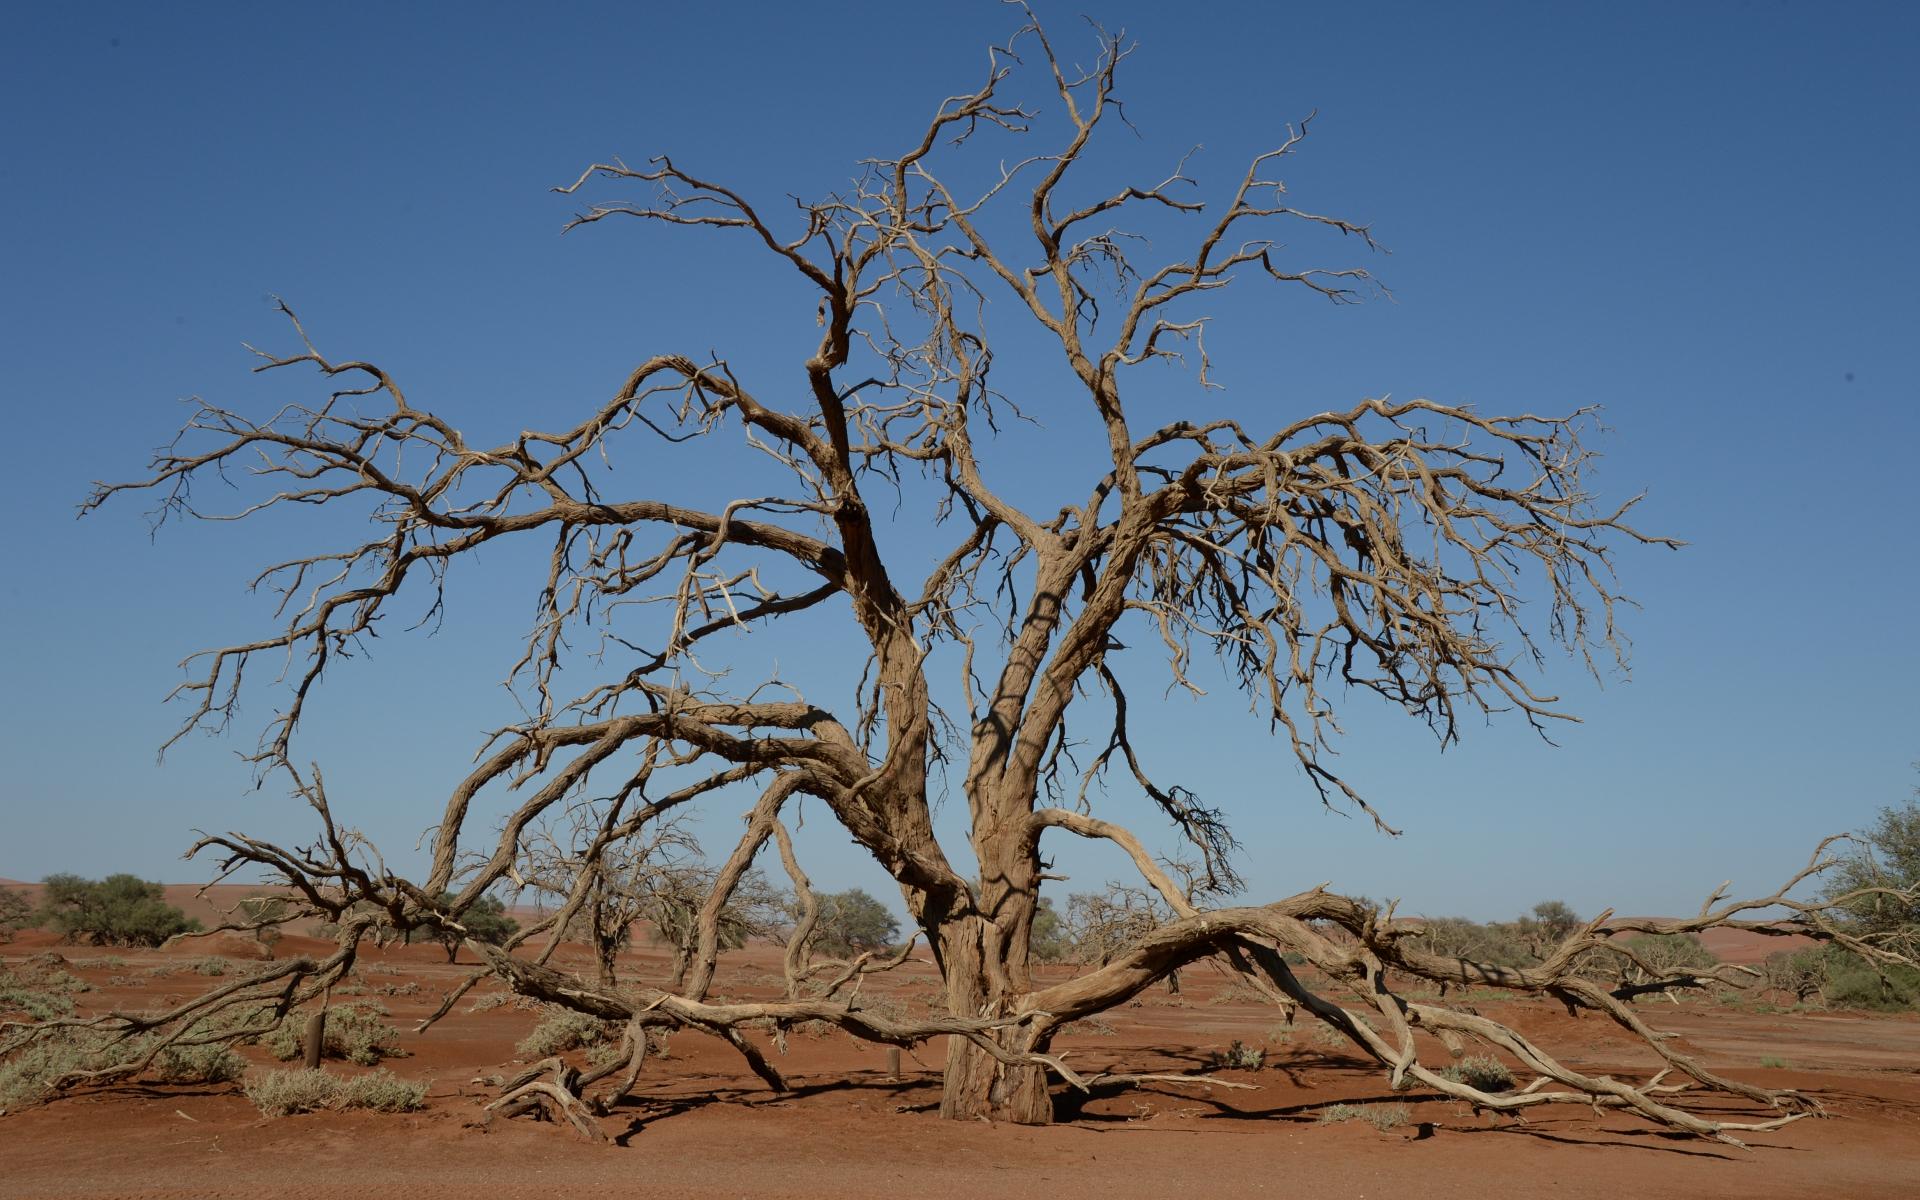 Namibia_Sossusvlei_Deadvlei_08